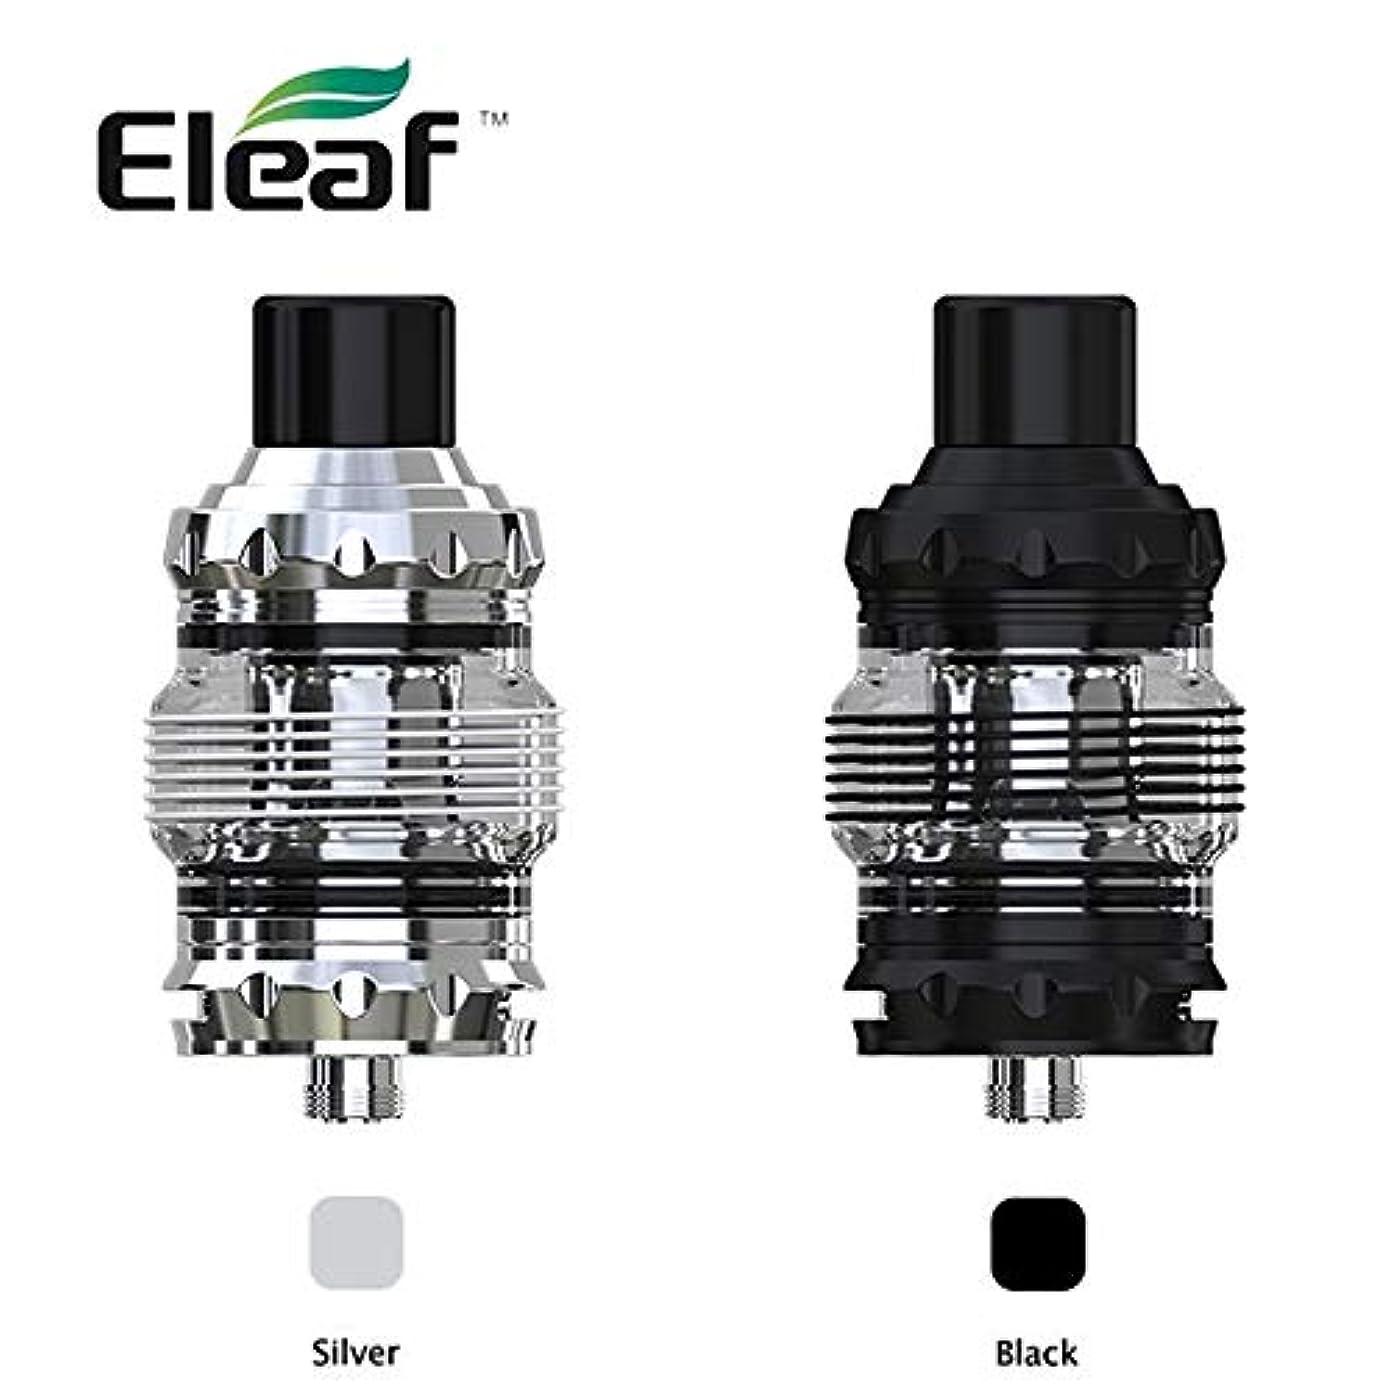 ランデブー顧問系統的Eleaf (イーリーフ) MELO 5 アトマイザー (MELO V Black) [並行輸入品] ブラック 4ml